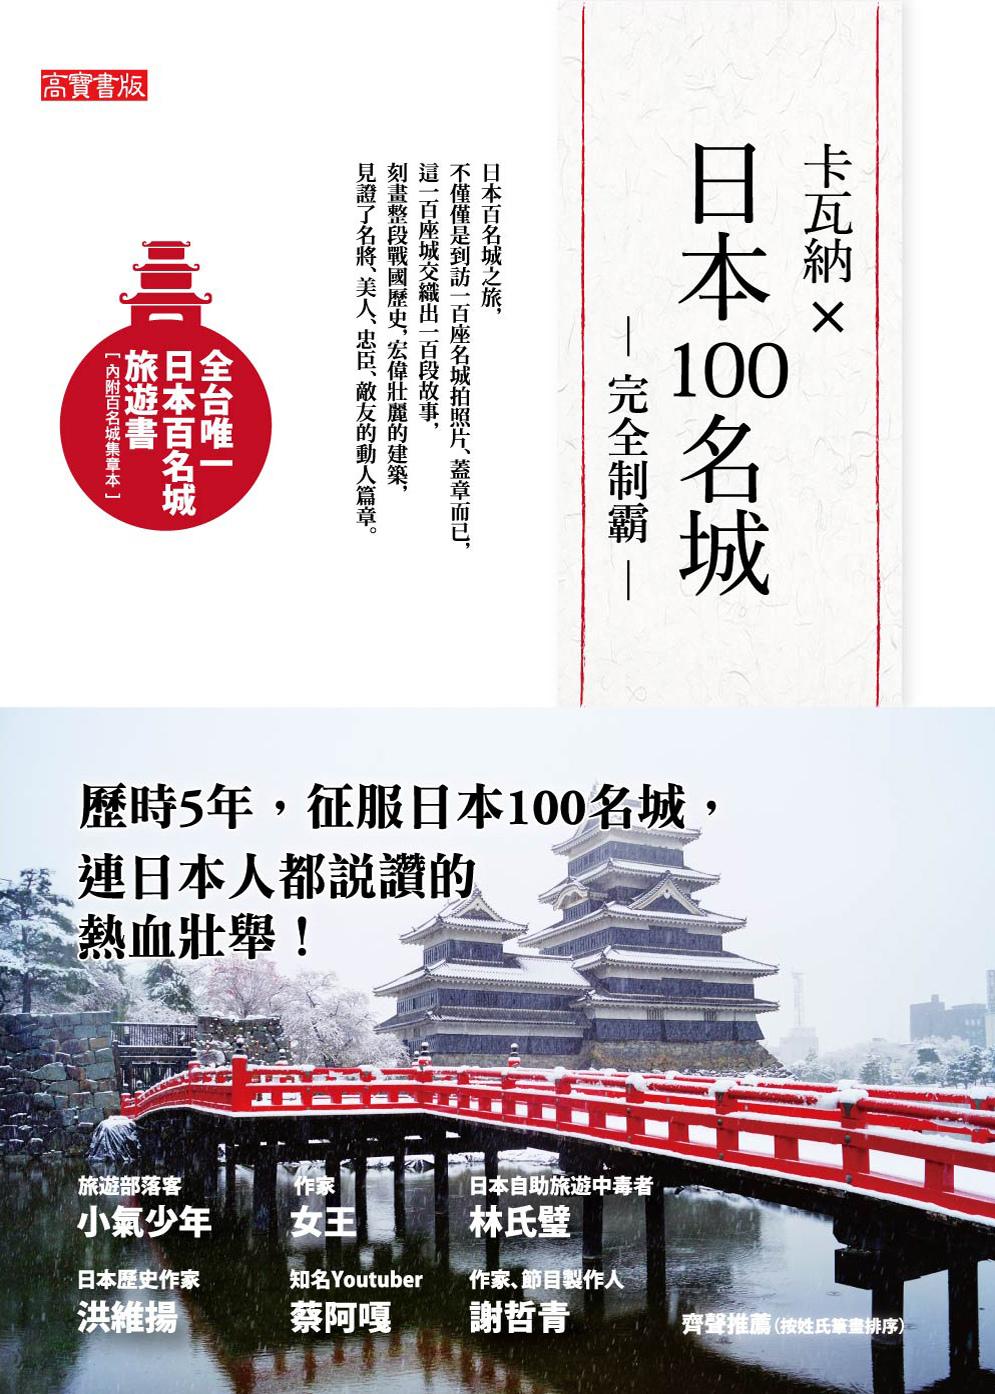 CI099卡瓦納x日本100名城完全制霸 封面+書腰 (1).jpg